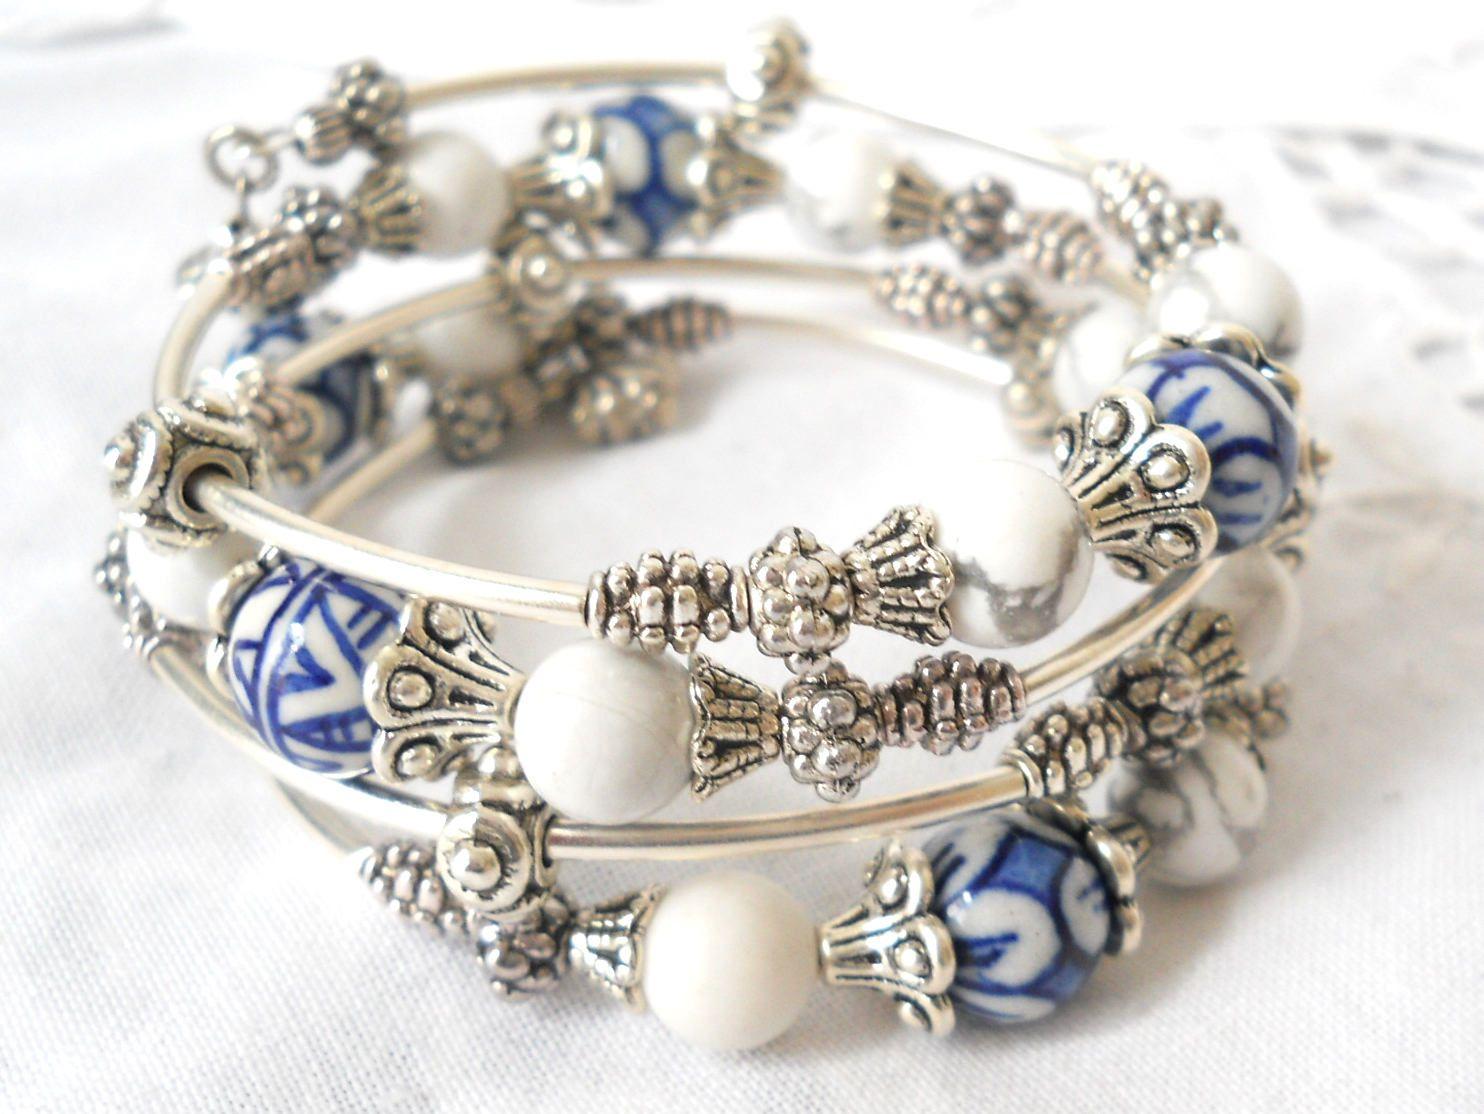 Delft blue memory wire bracelet delft blue jewelry delft bracelet ...